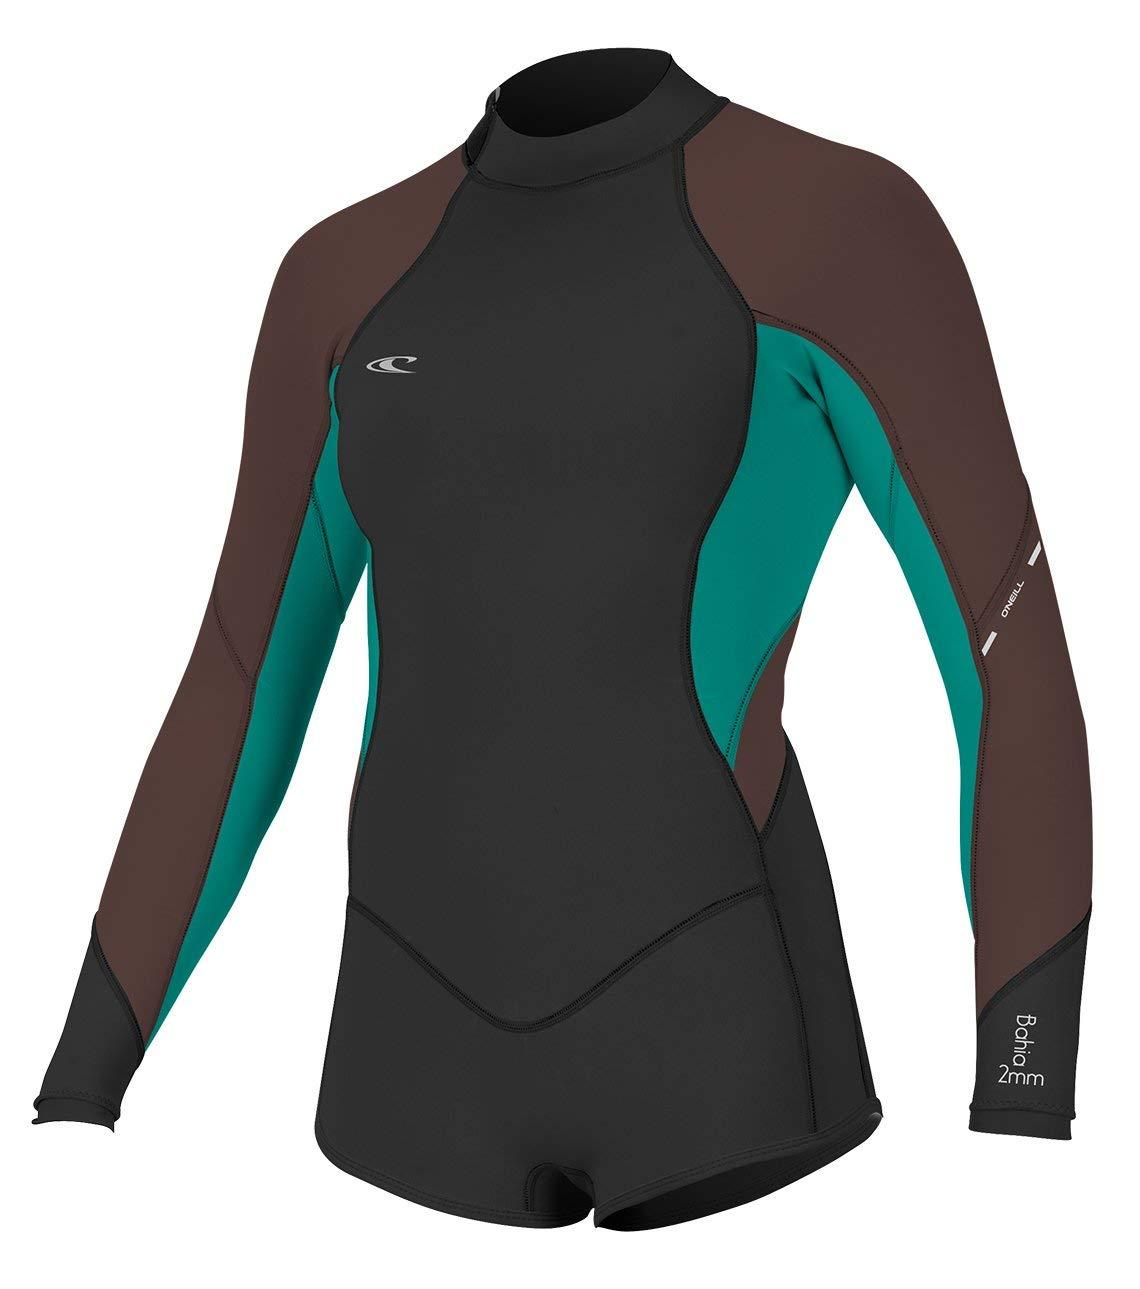 O'Neill Women's Bahia 2/1mm Back Zip Long Sleeve Short Spring Wetsuit, Black/Capri/Pepper, 4